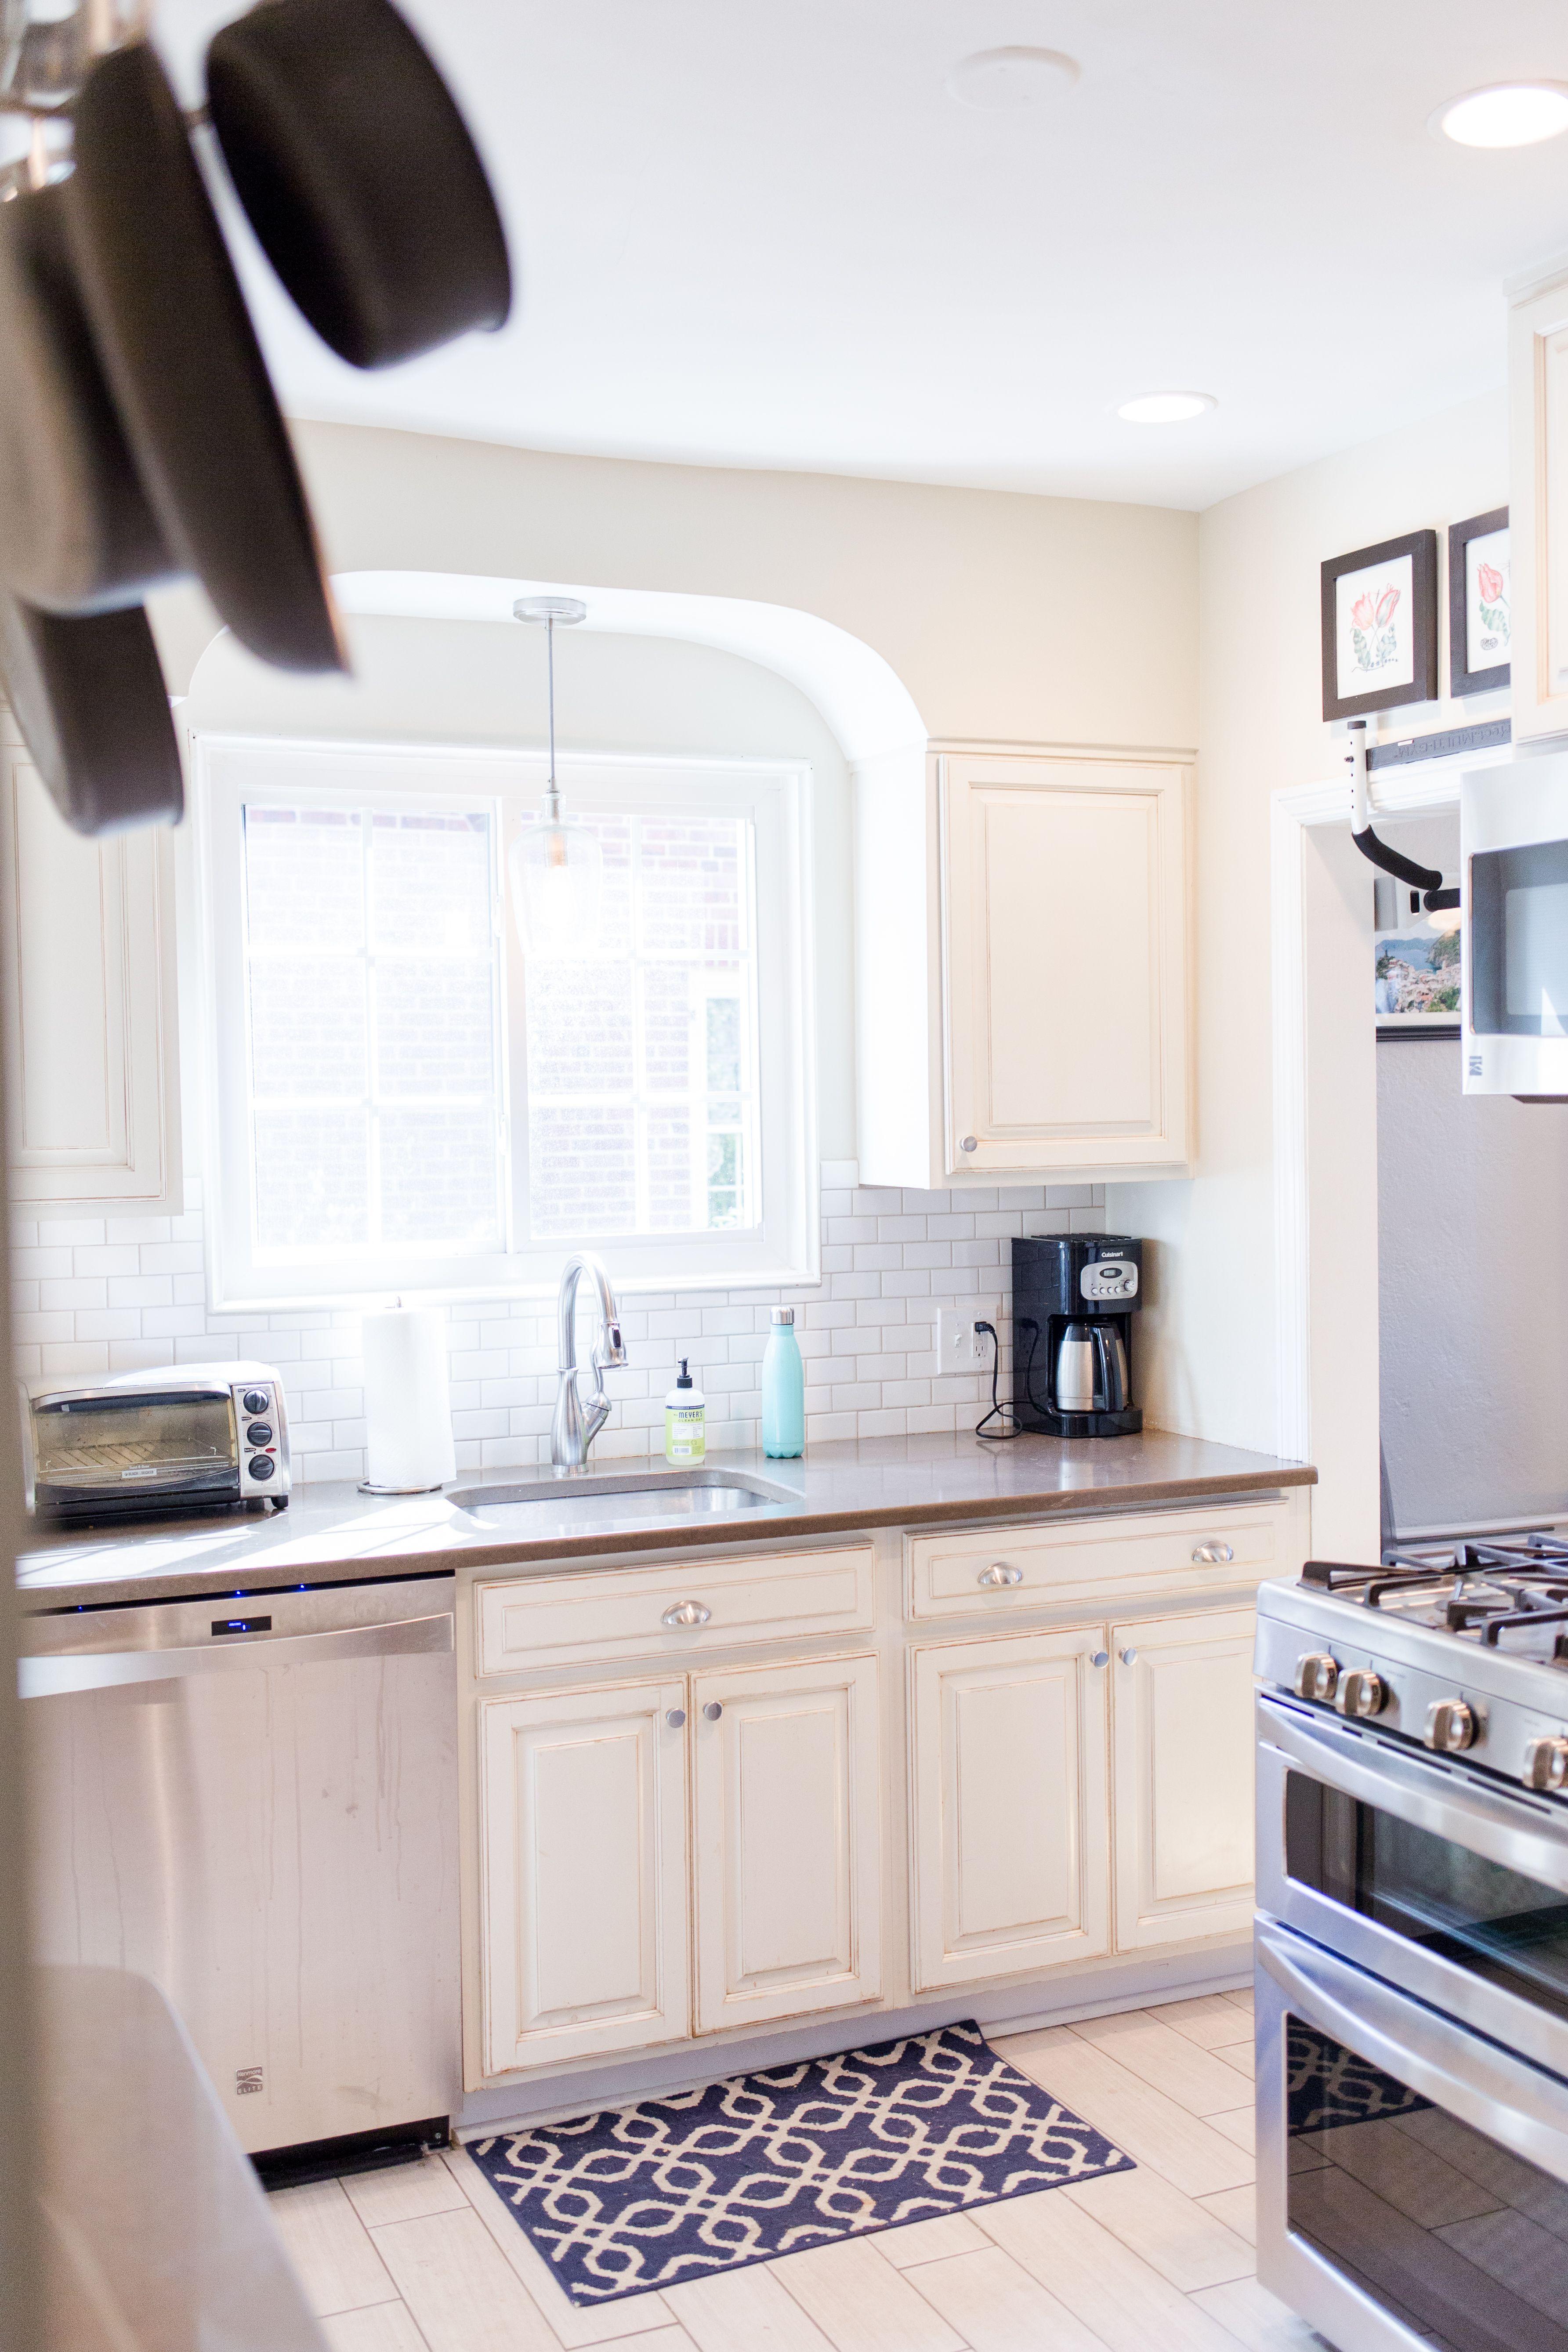 Kitchen in Baltimore, MD | Kitchen, Kitchen cabinets, Home ...